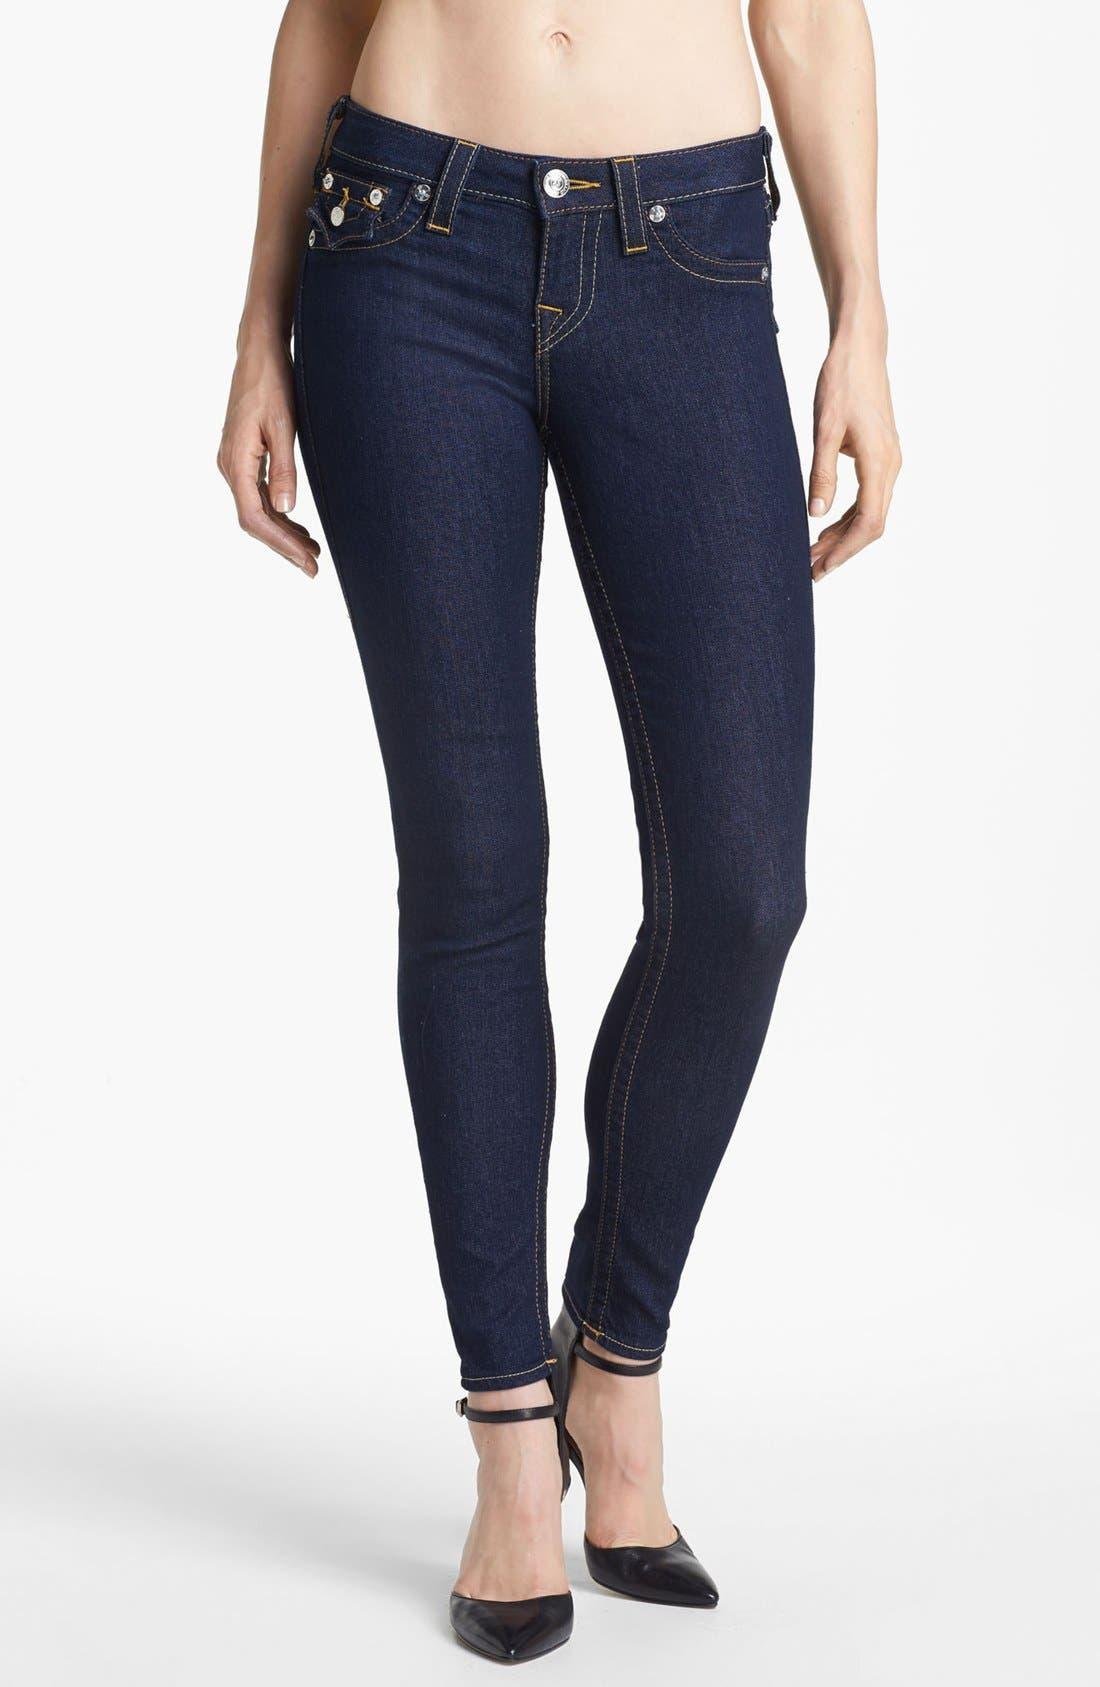 Alternate Image 1 Selected - True Religion Brand Jeans 'Serena' Denim Leggings (Body Rinse) (Online Only)